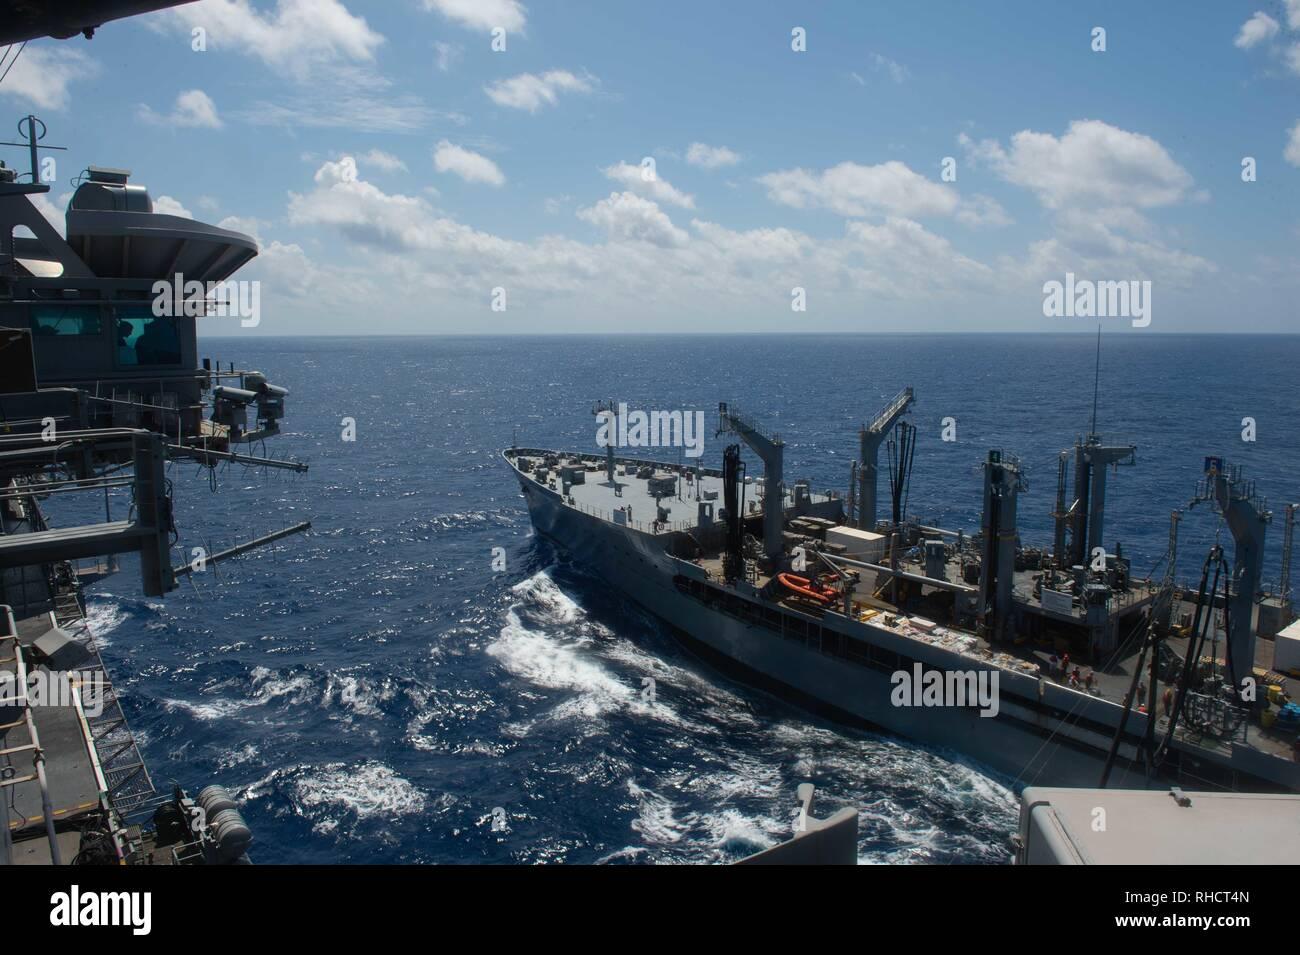 La reconstitution de la flotte oiler USNS Guadalupe (T-AO 200) cuit avec le porte-avions USS JOHN C. STENNIS (CVN 74) au cours d'un ravitaillement en mer dans l'Océan Indien, le 31 janvier 2019. Le John C. Stennis est déployé pour la 7è zone des opérations de la flotte à l'appui de la sécurité et de la stabilité dans la région Indo-Pacifique. (U.S. Photo par marine Spécialiste de la communication de masse Seaman Apprentice Jordanie Ripley) Photo Stock